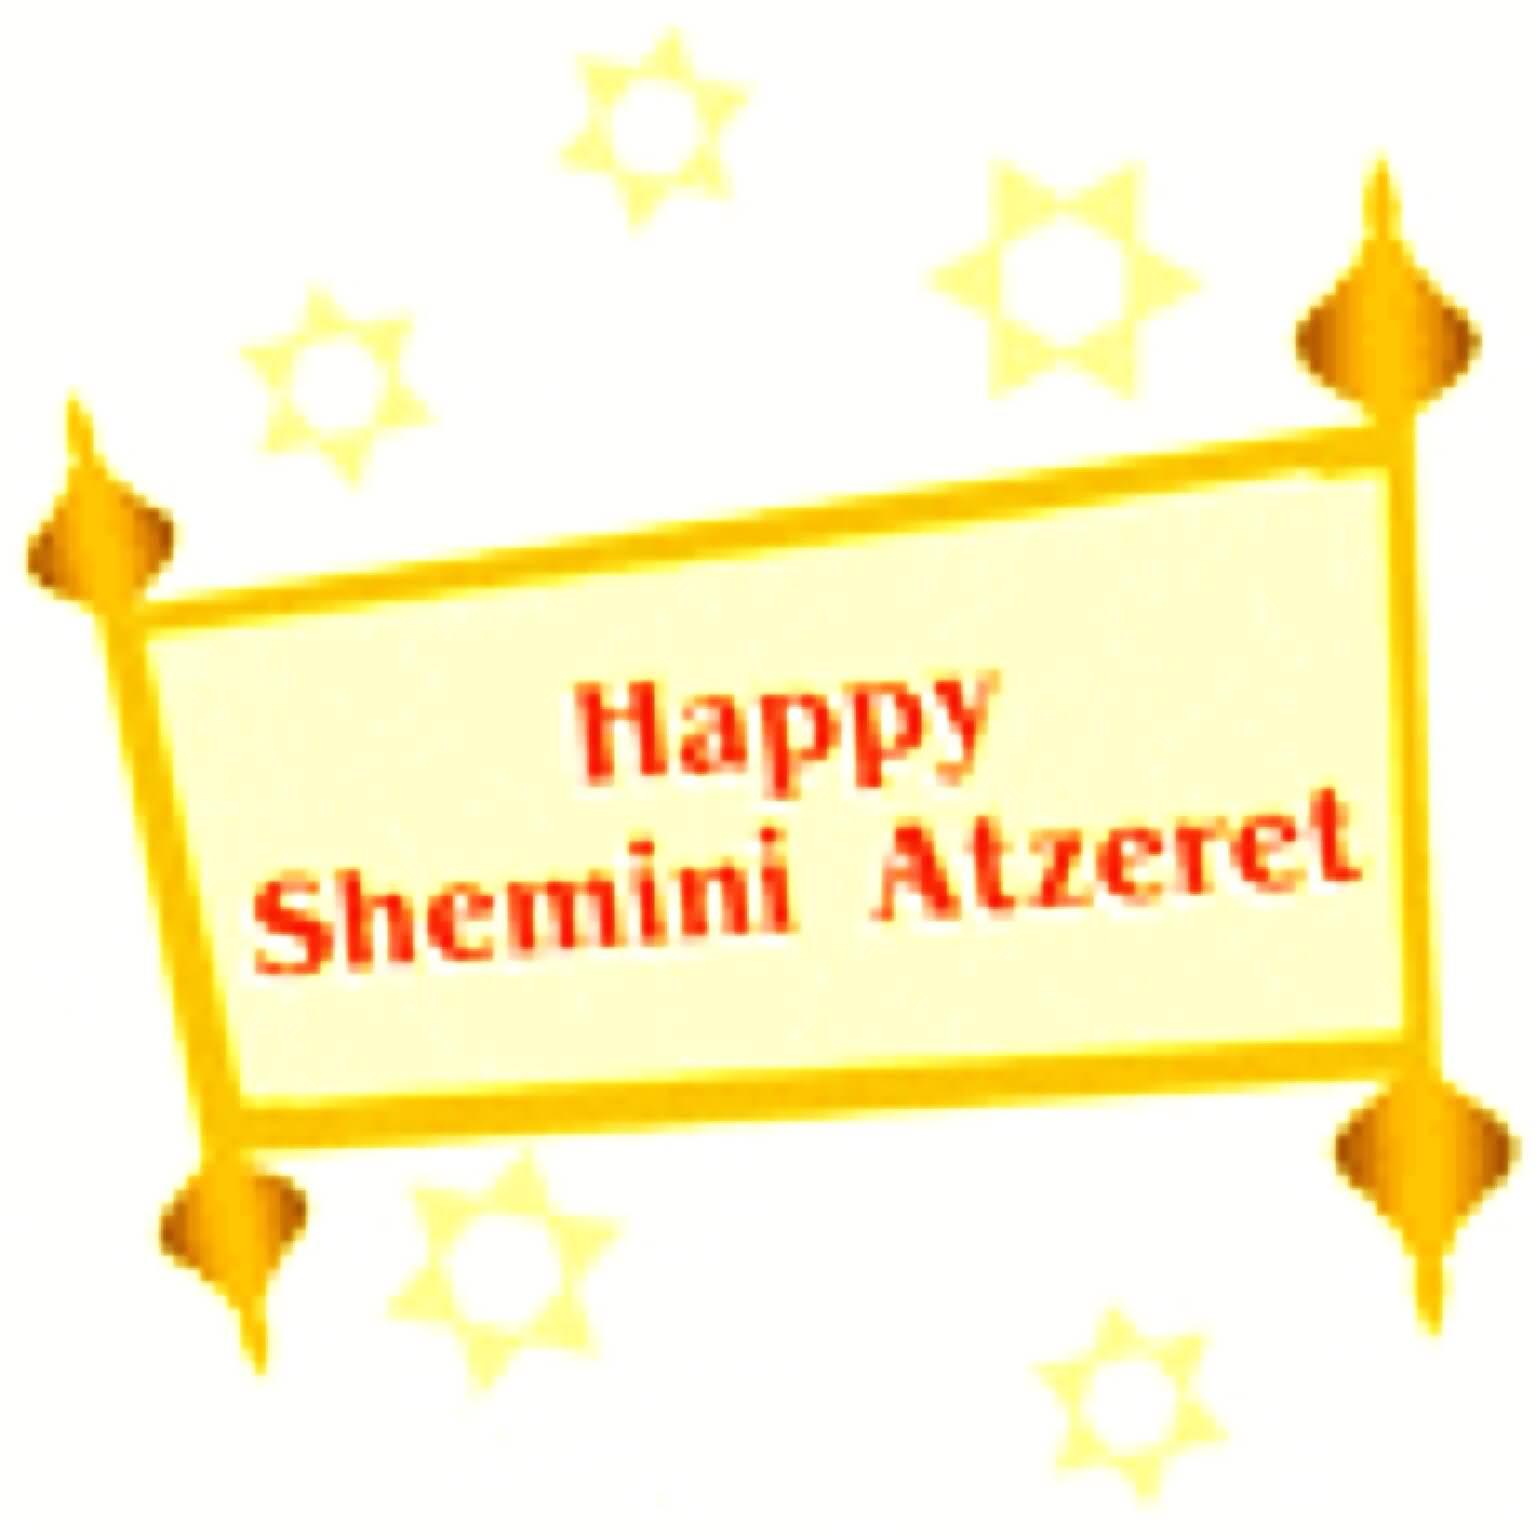 Simchat Torah And Shemini Atzeret Greetings